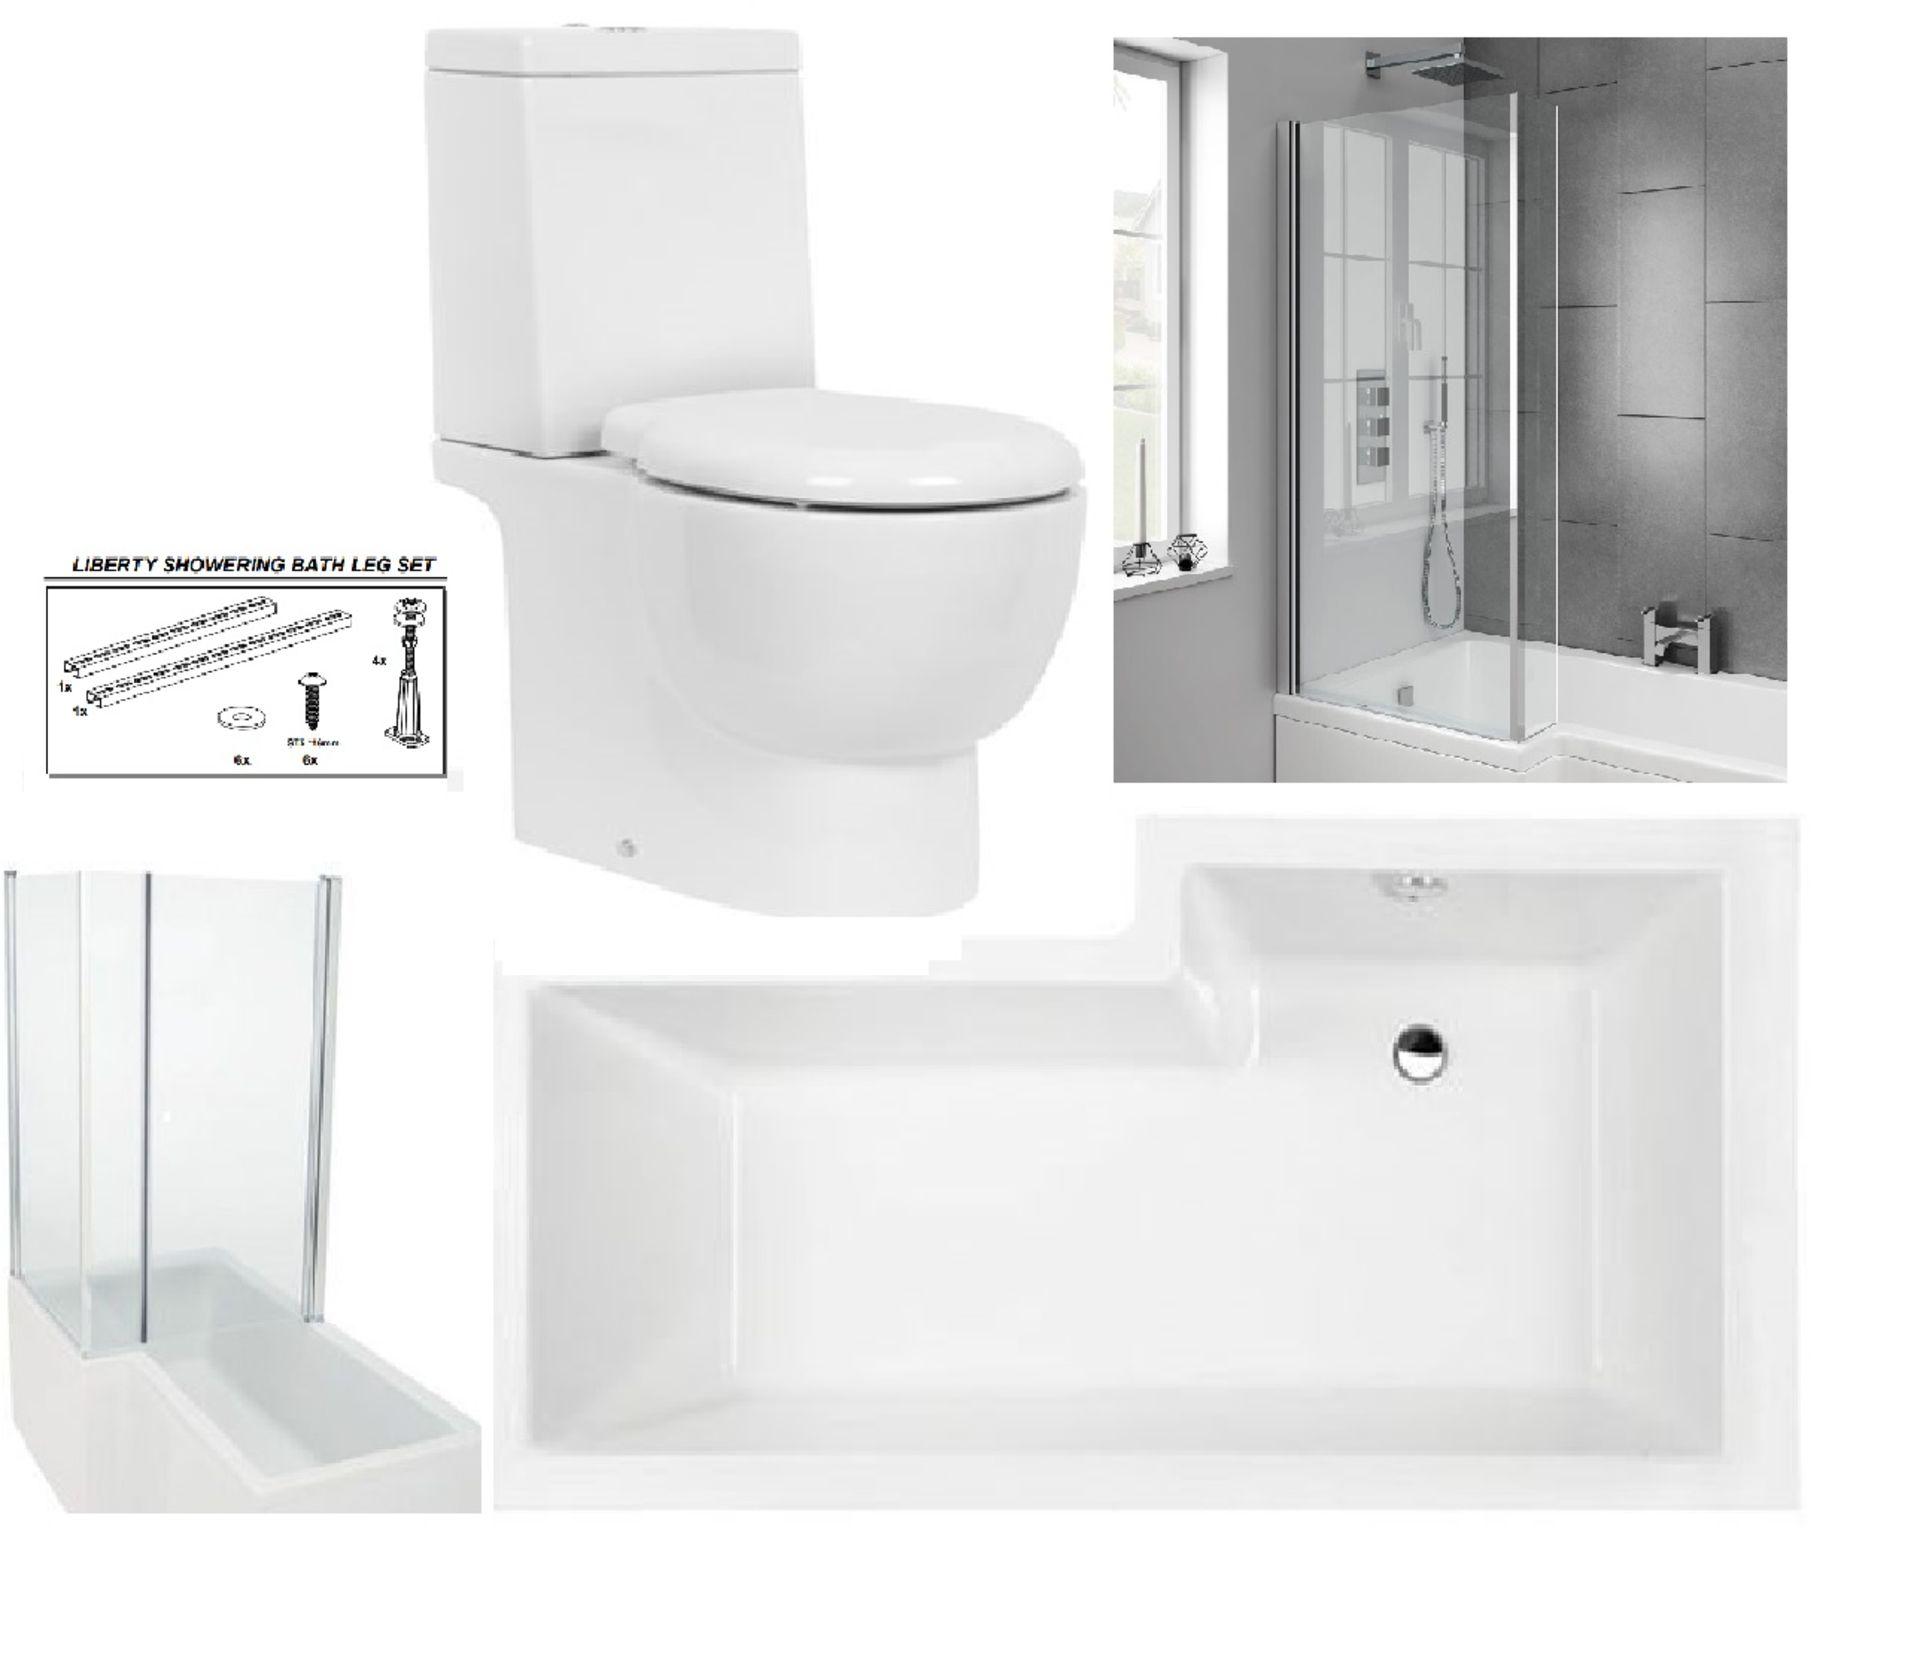 Lot 2 - Bathstore 'Liberty Showercube' LEFT HANDED 1700mm re-enforced 'L' shower bath with pivot front bath